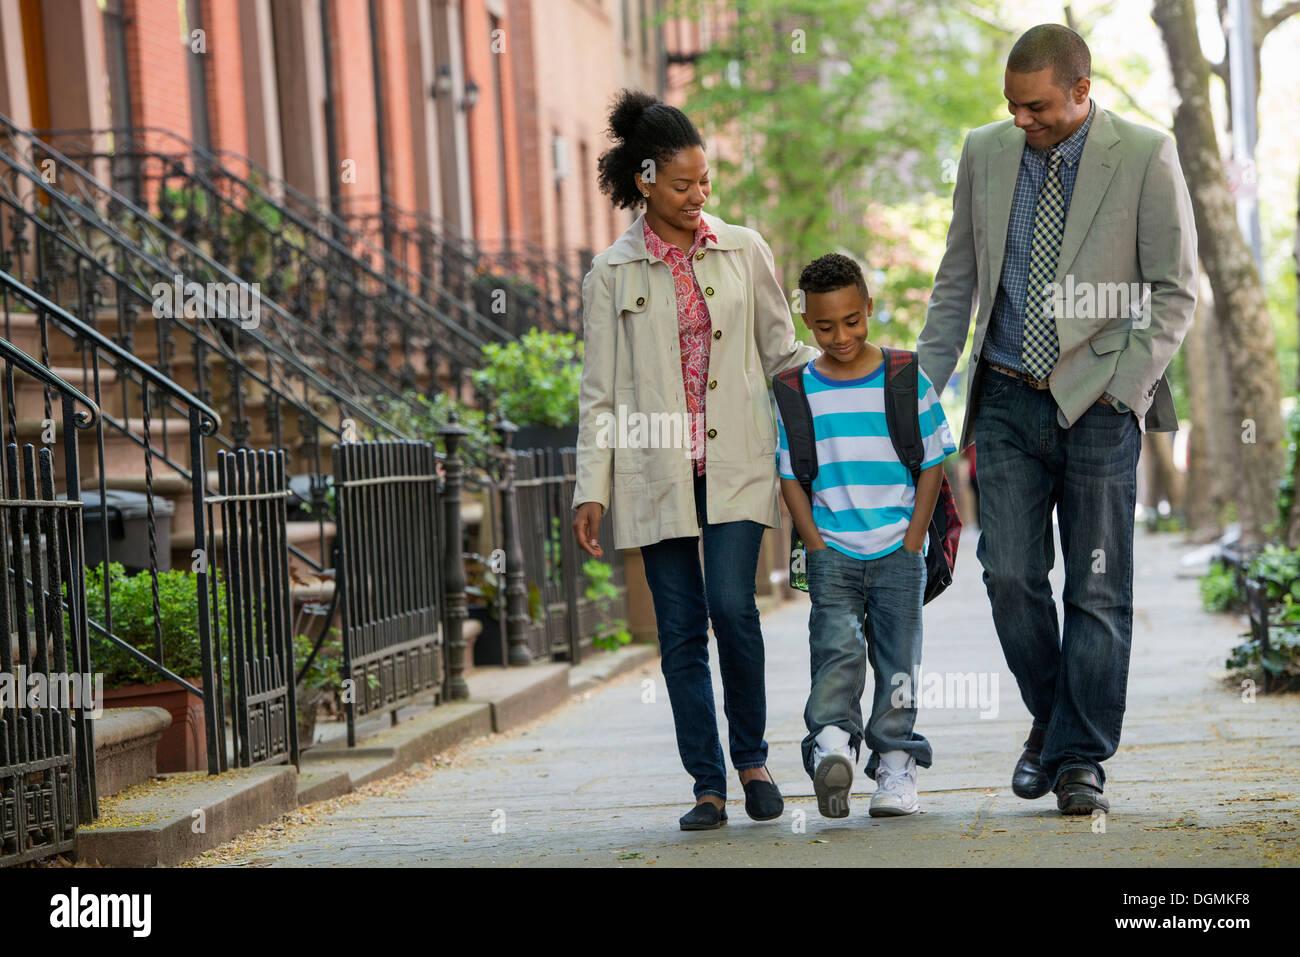 Una familia al aire libre en la ciudad. Los dos padres y un muchacho caminando juntos. Imagen De Stock